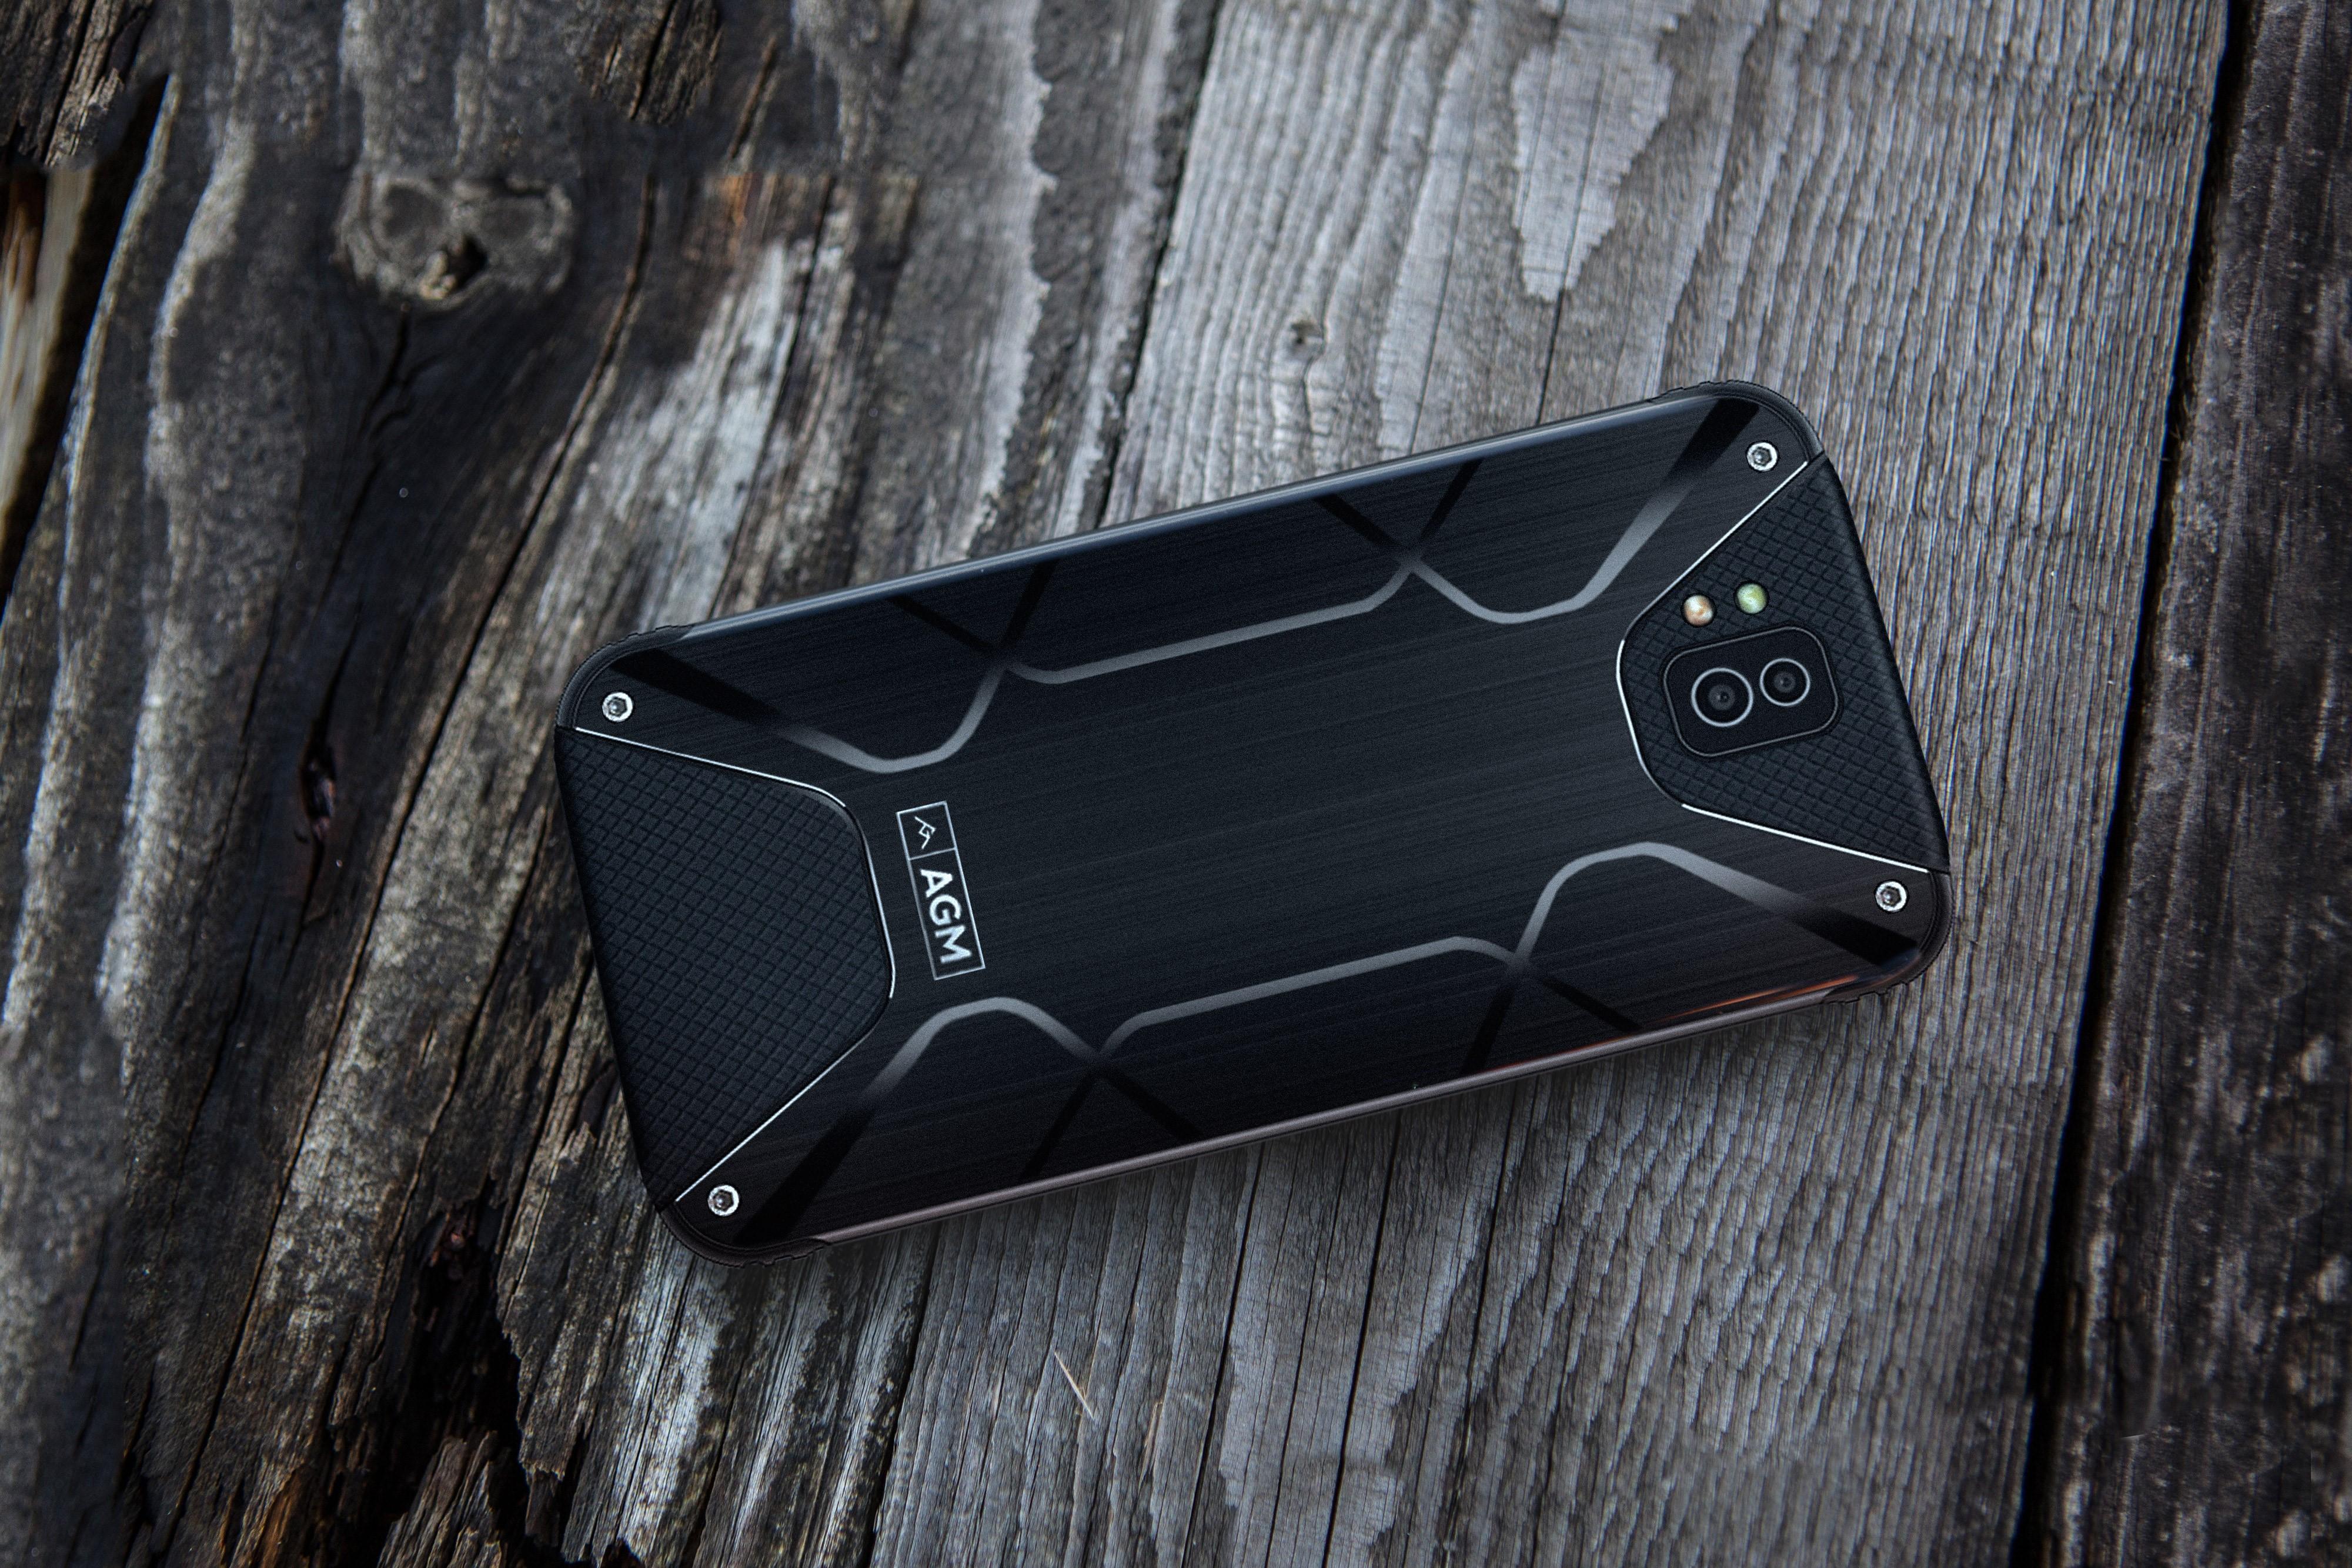 Рис. 9. Смартфон AGM X2.